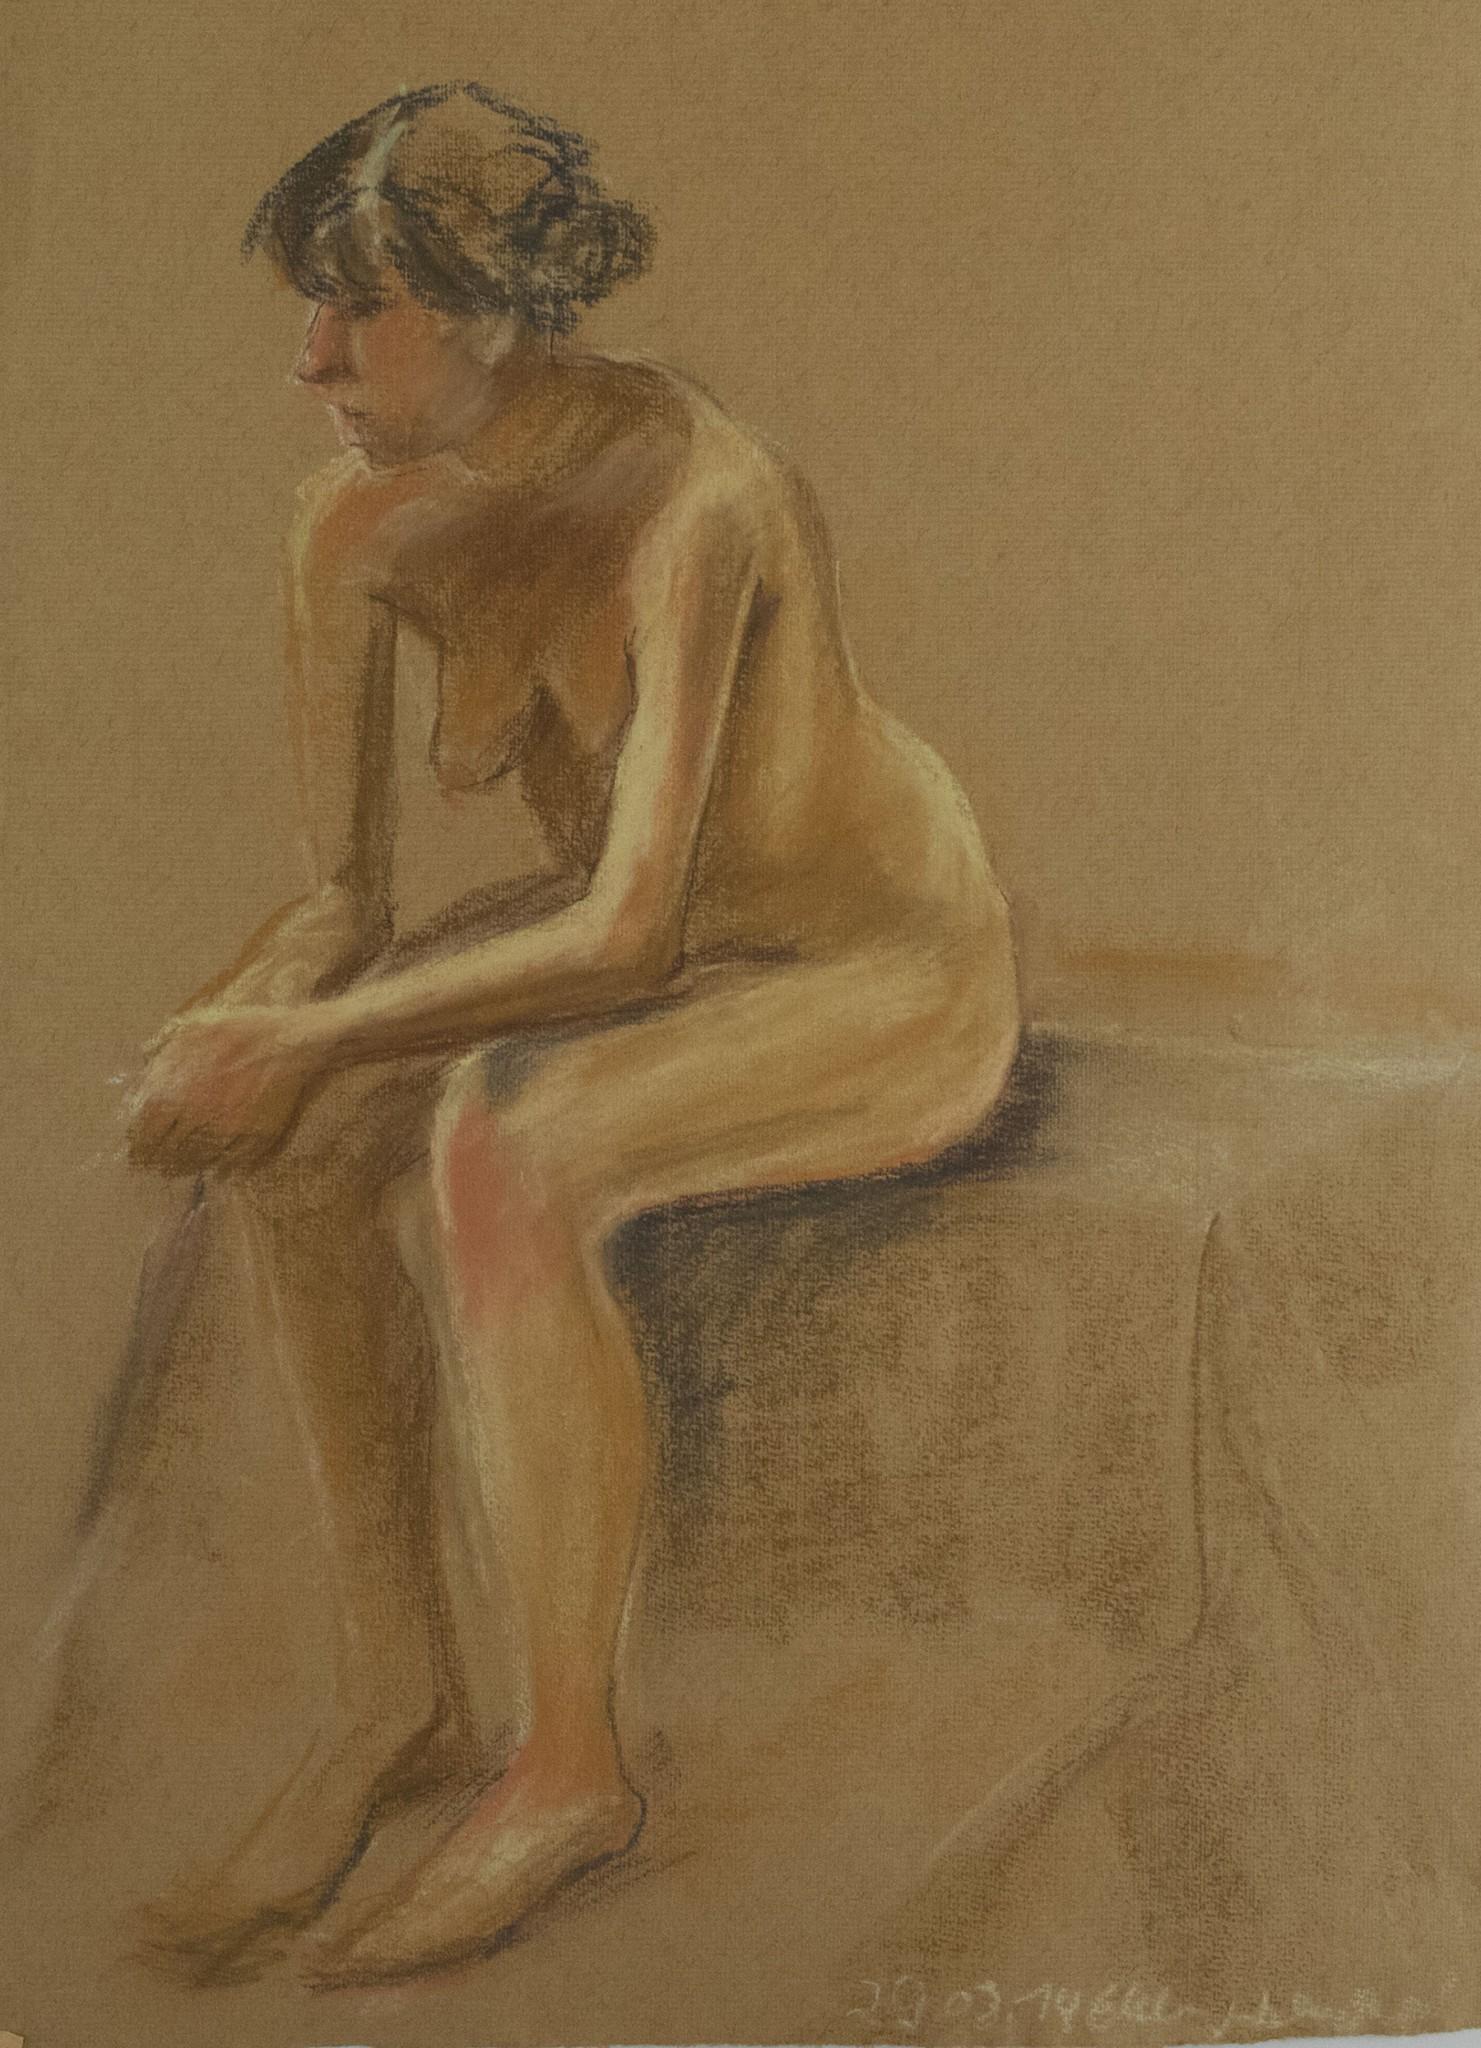 sitzender, zur Seite schauender weiblicher Akt